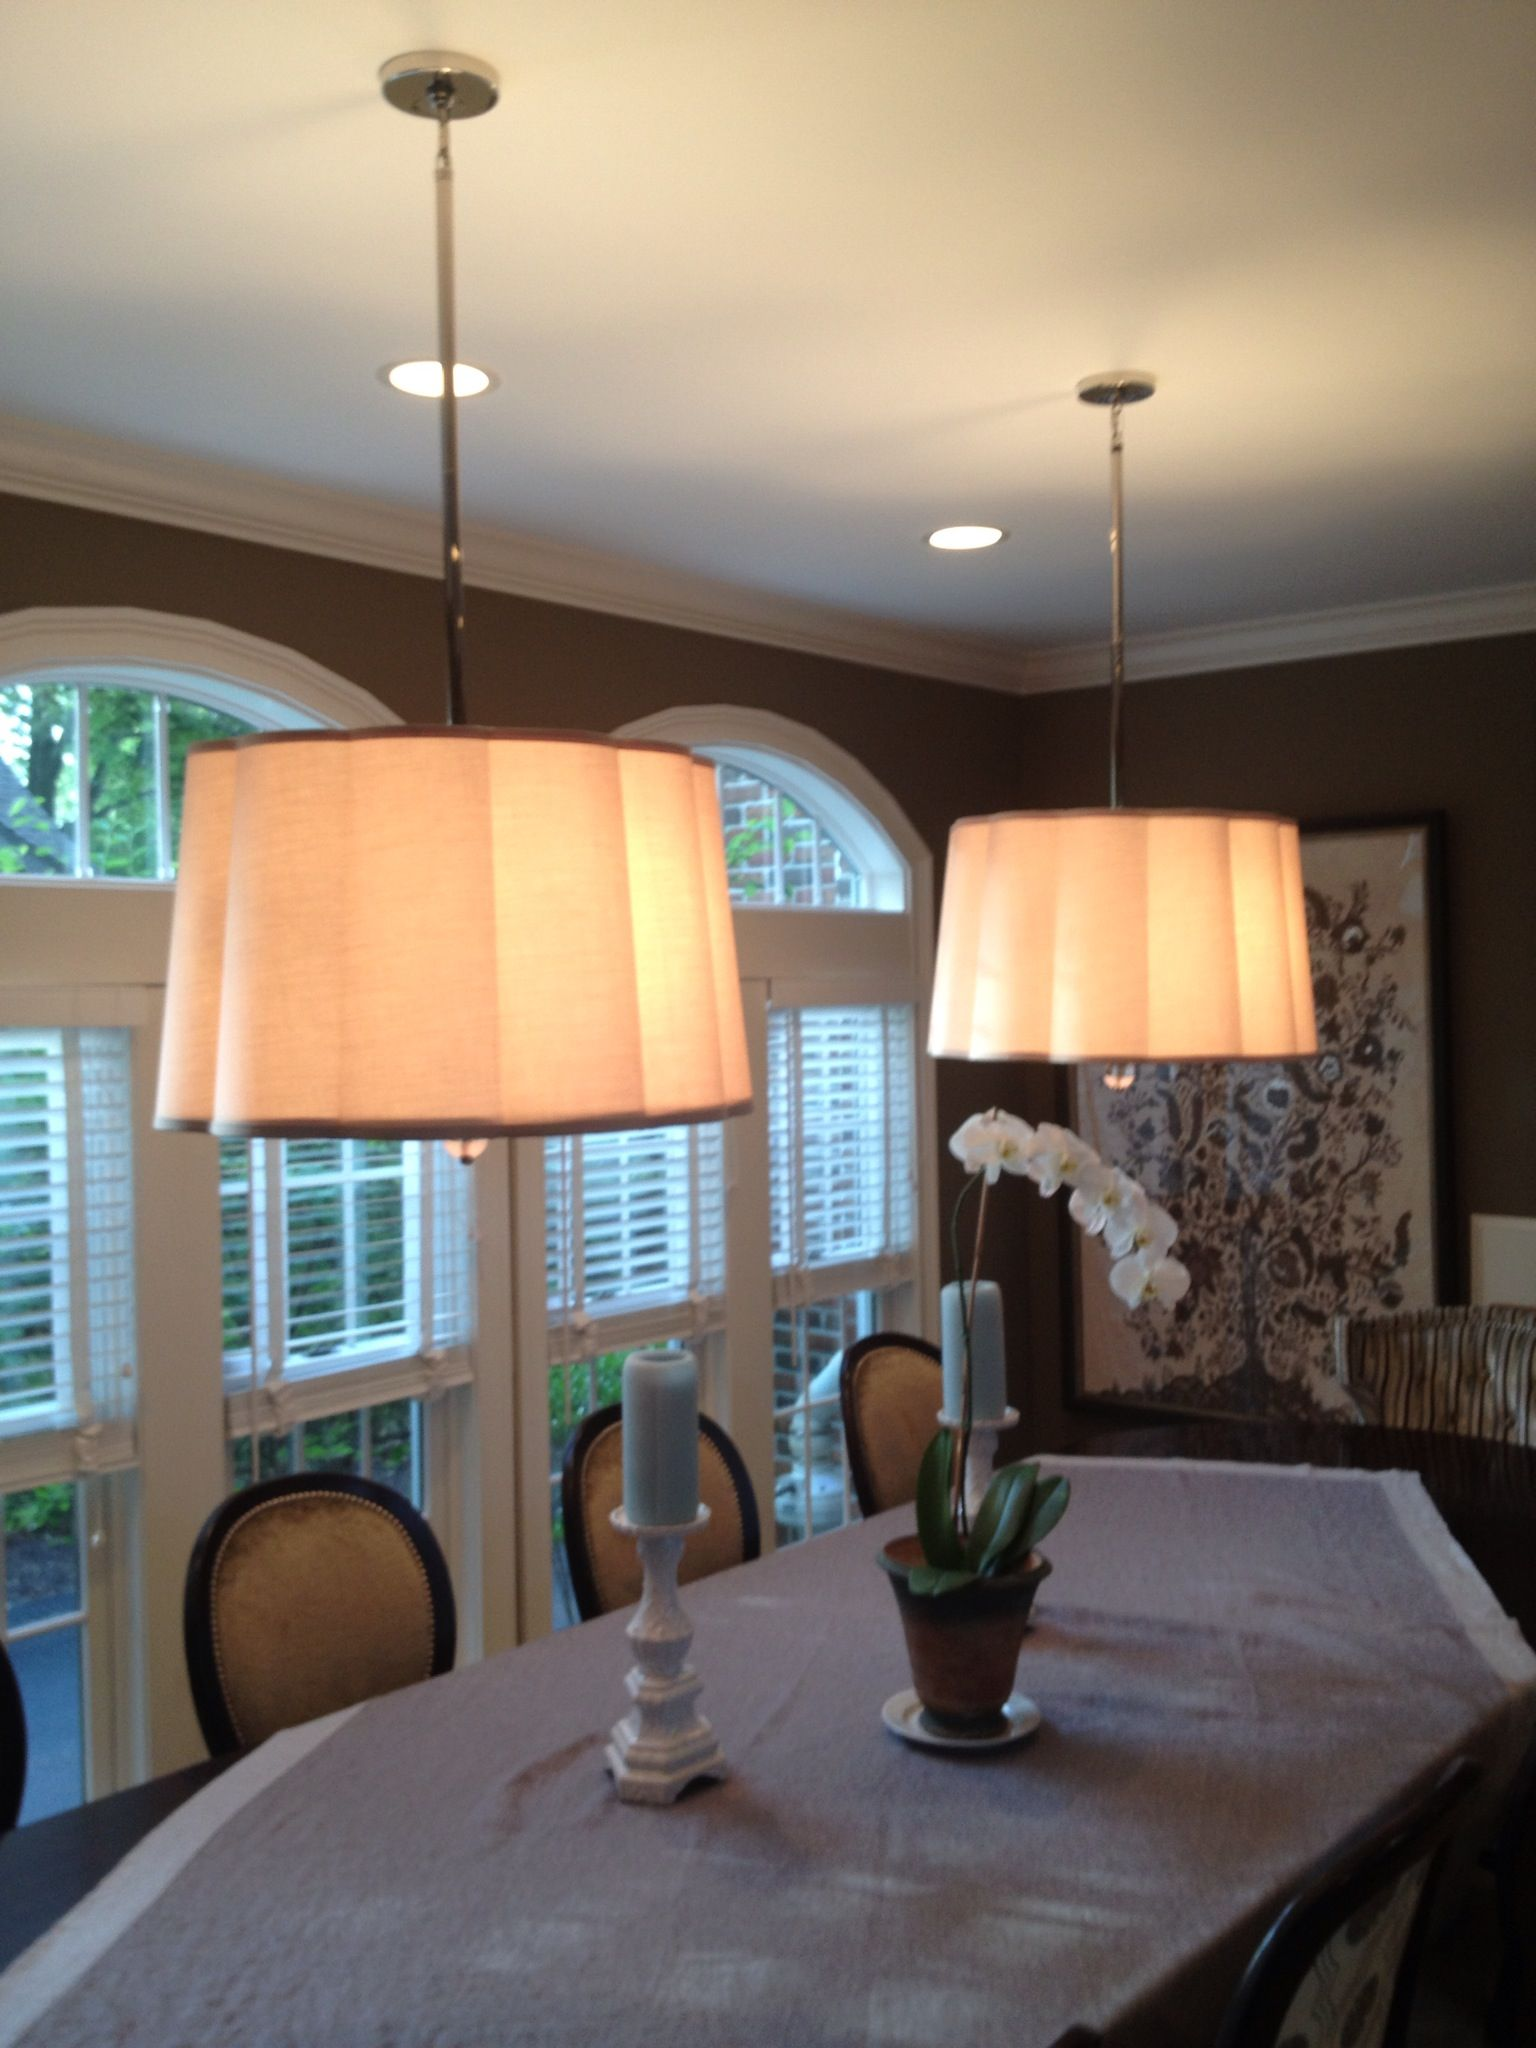 Dining Room Lights